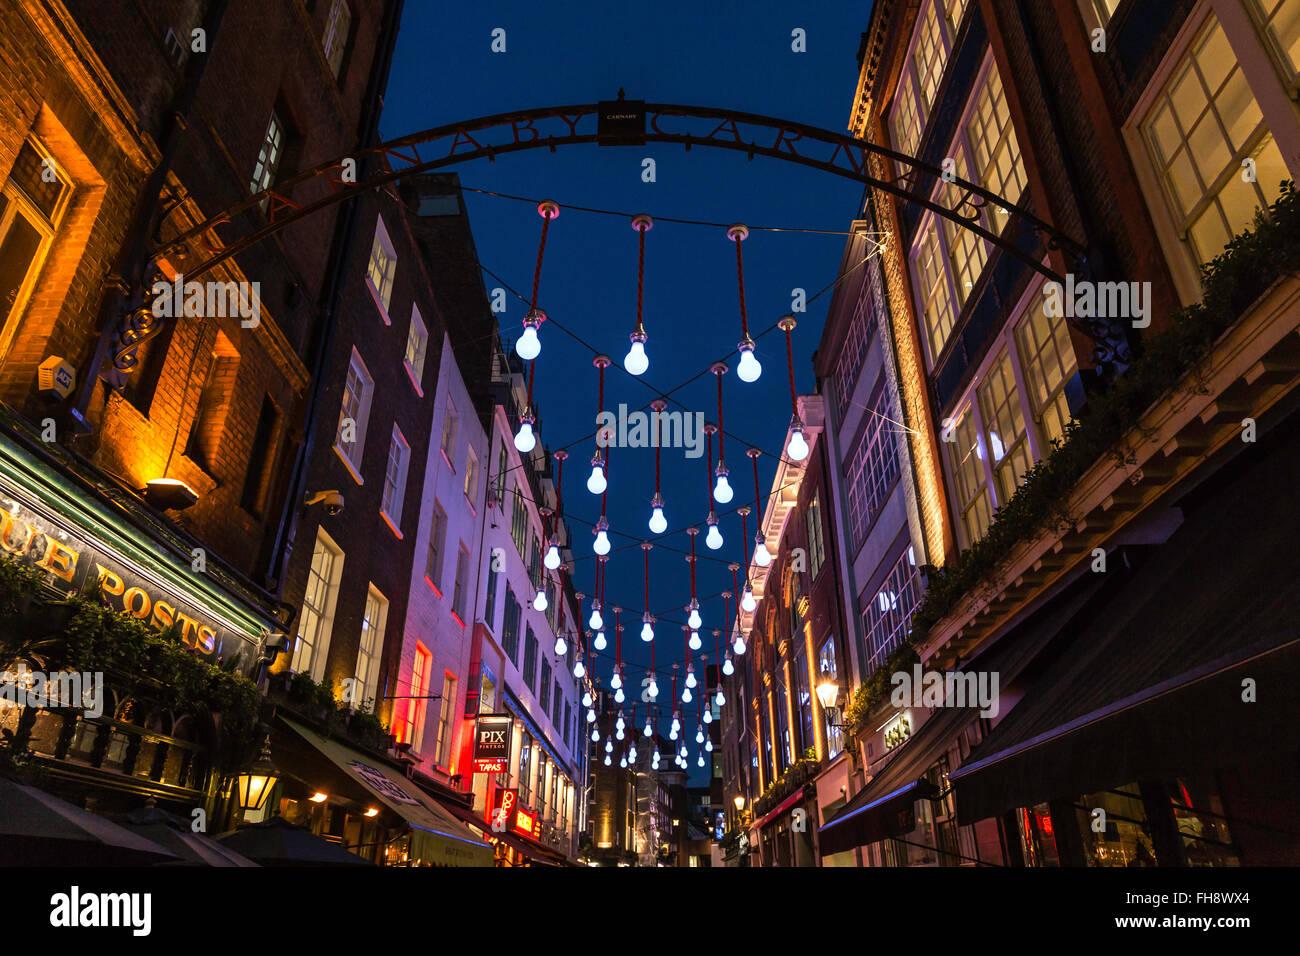 Bright Overhead Illumination in Ganton Street Stock Photo